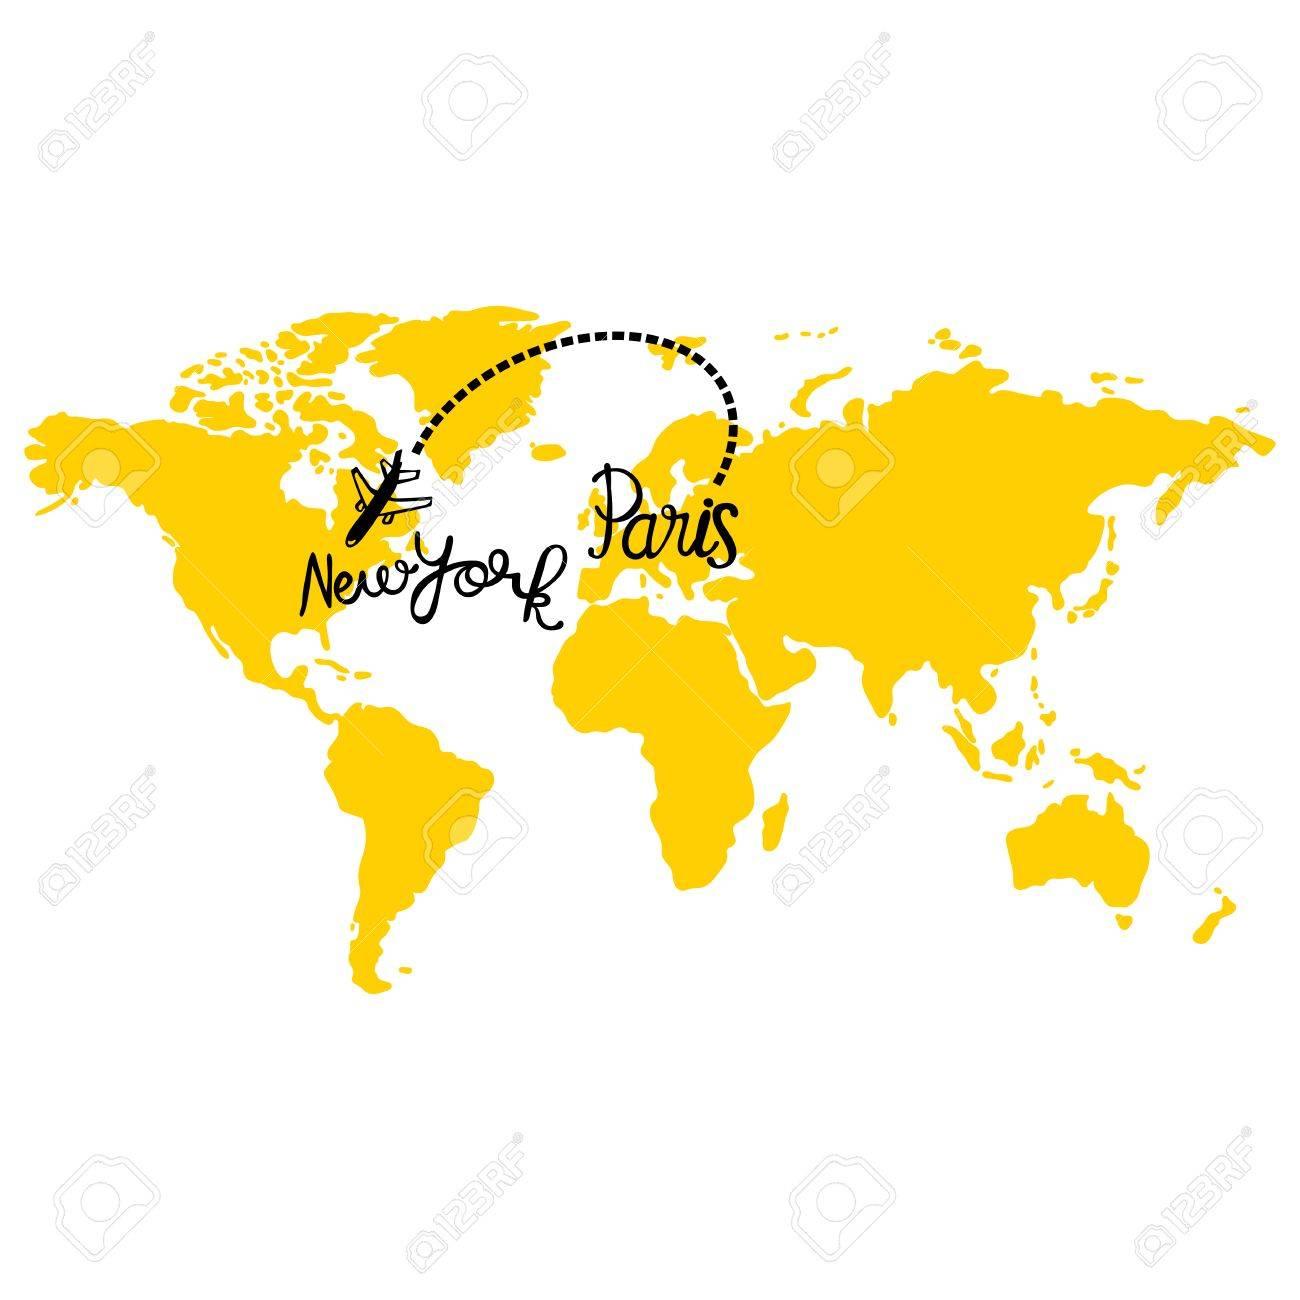 Carte Du Monde Jaune.Carte Jaune Du Monde Avion Paris Et New York Objet Vectoriel Isole Sur Fond Blanc